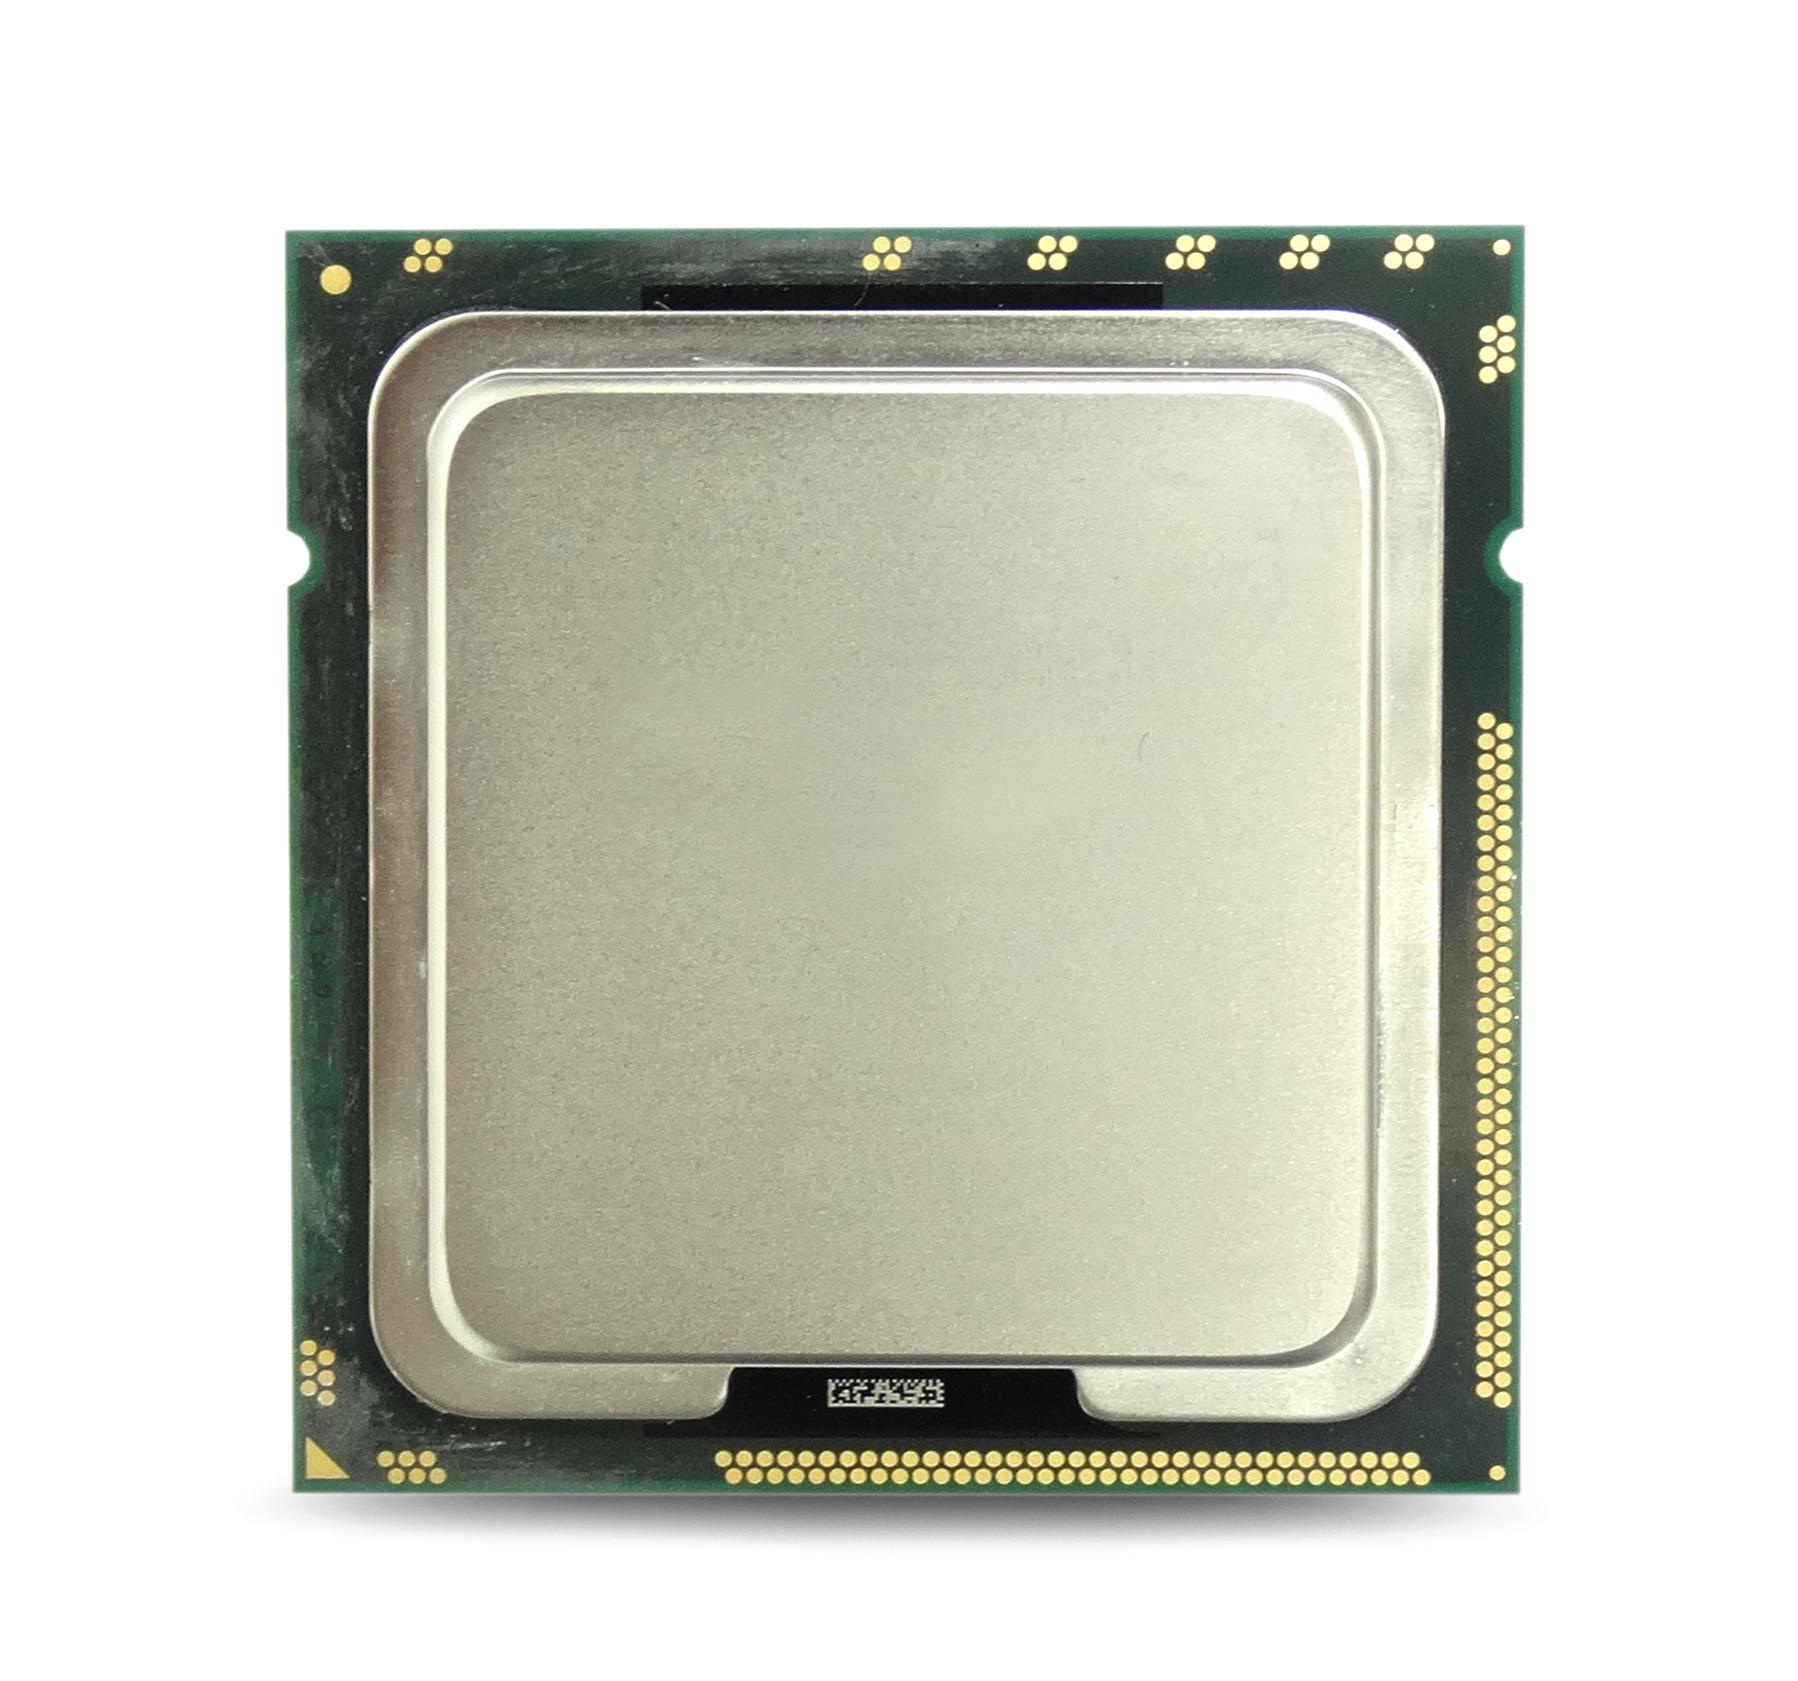 INTEL XEON E5-2450L 1.8GHZ 20MB 8 GT/S LGA 1356 PROCESSOR (SR0LH)